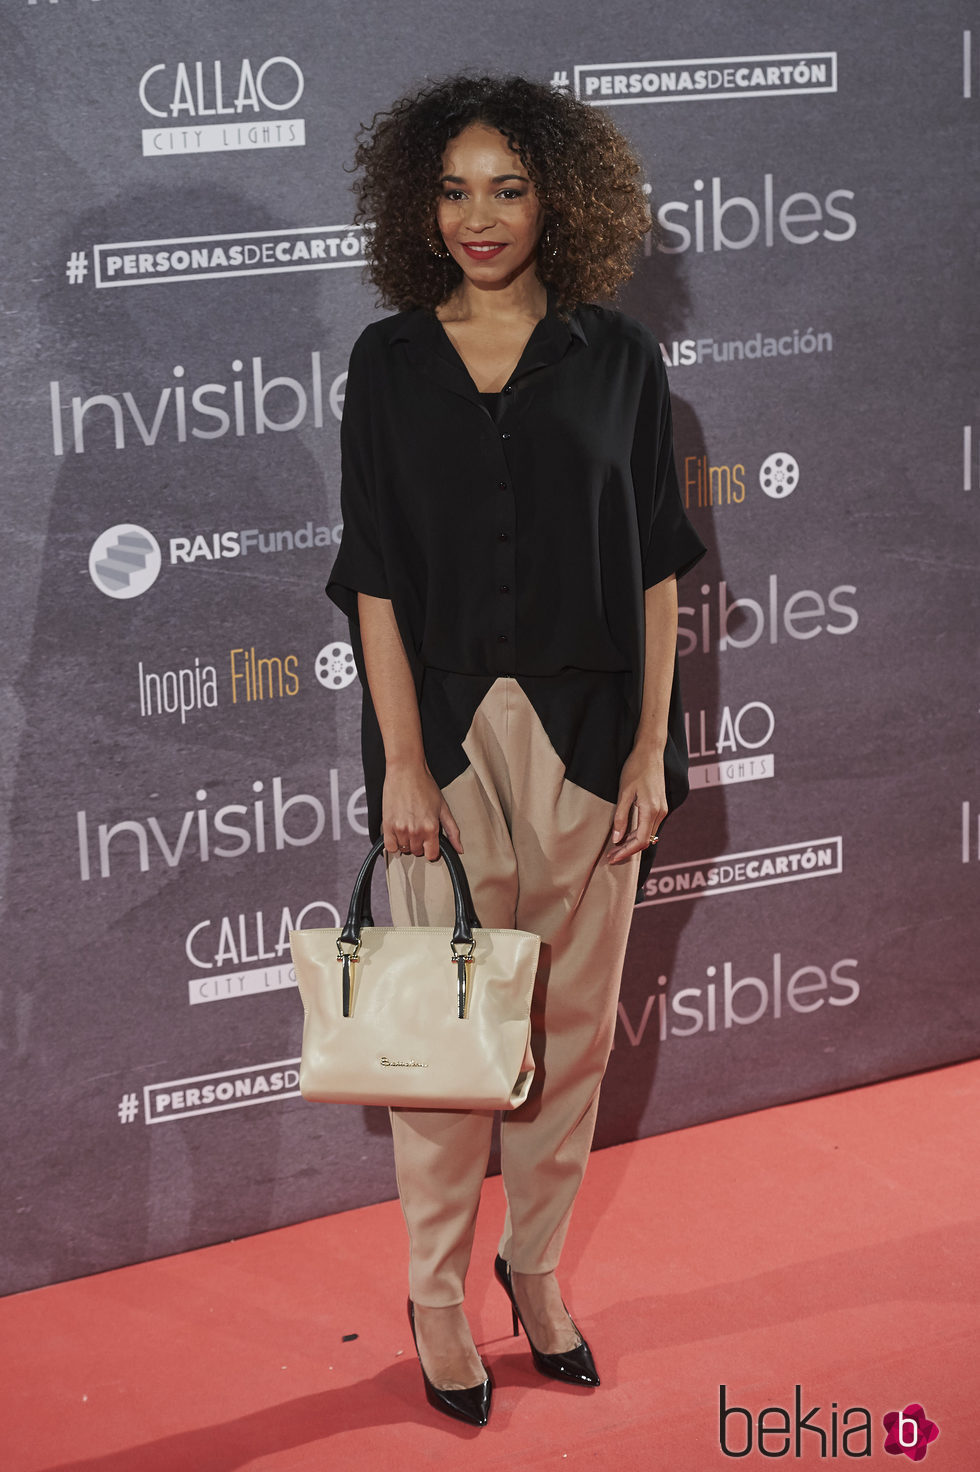 Montse Pla en el estreno de 'Invisibles' en Madrid